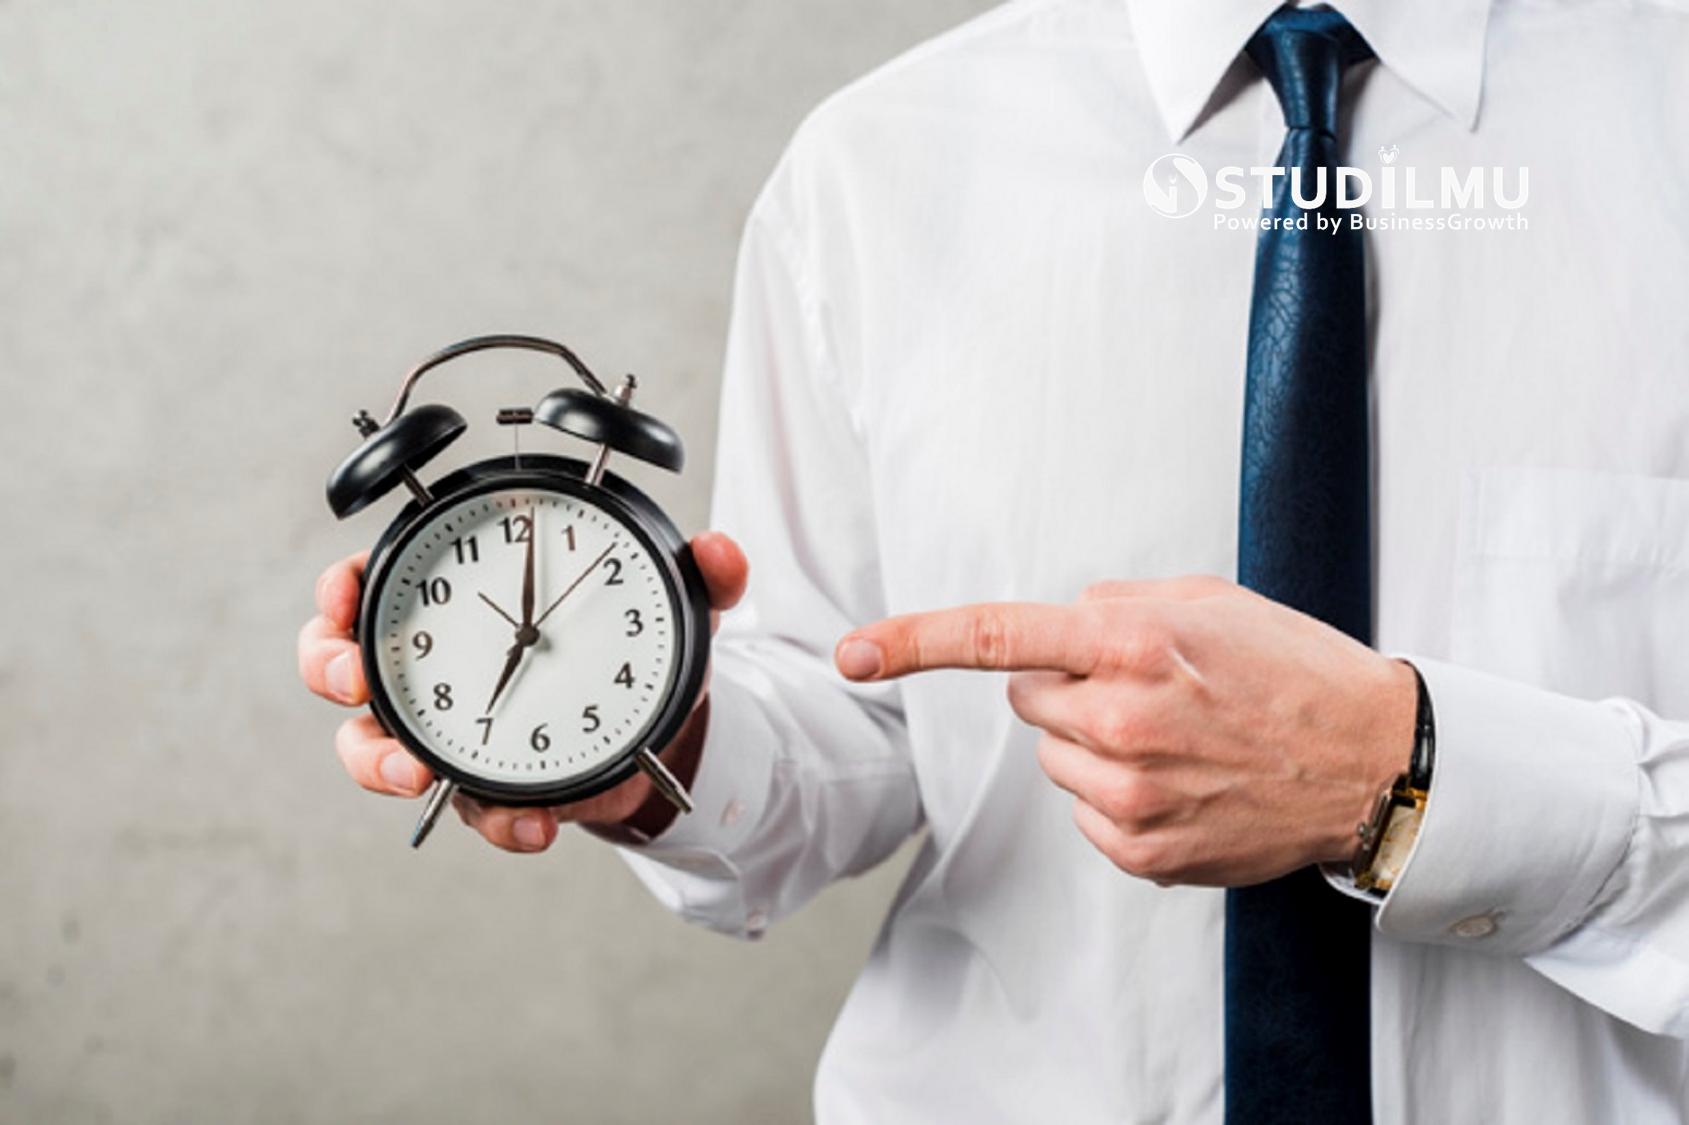 STUDILMU Career Advice - 5 Tips Manajemen Waktu